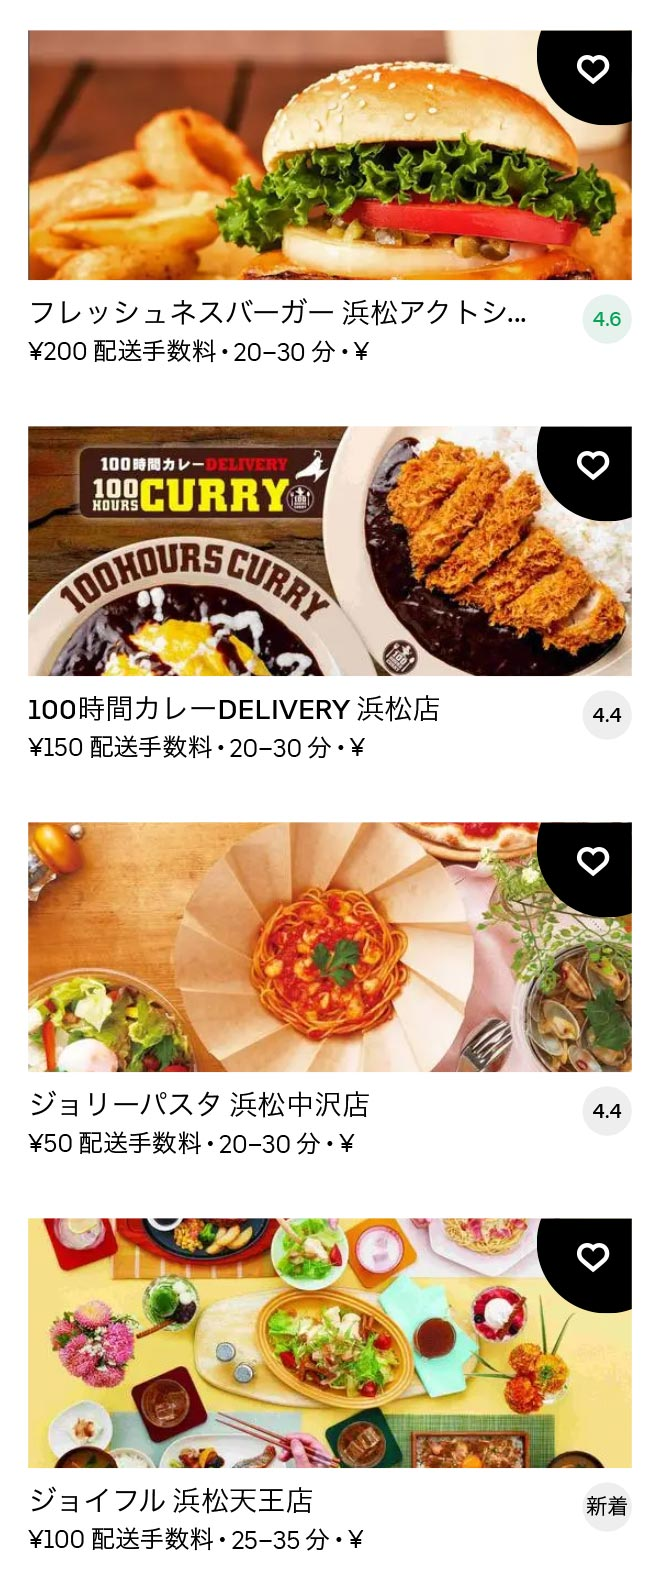 Hikuma menu 2011 06